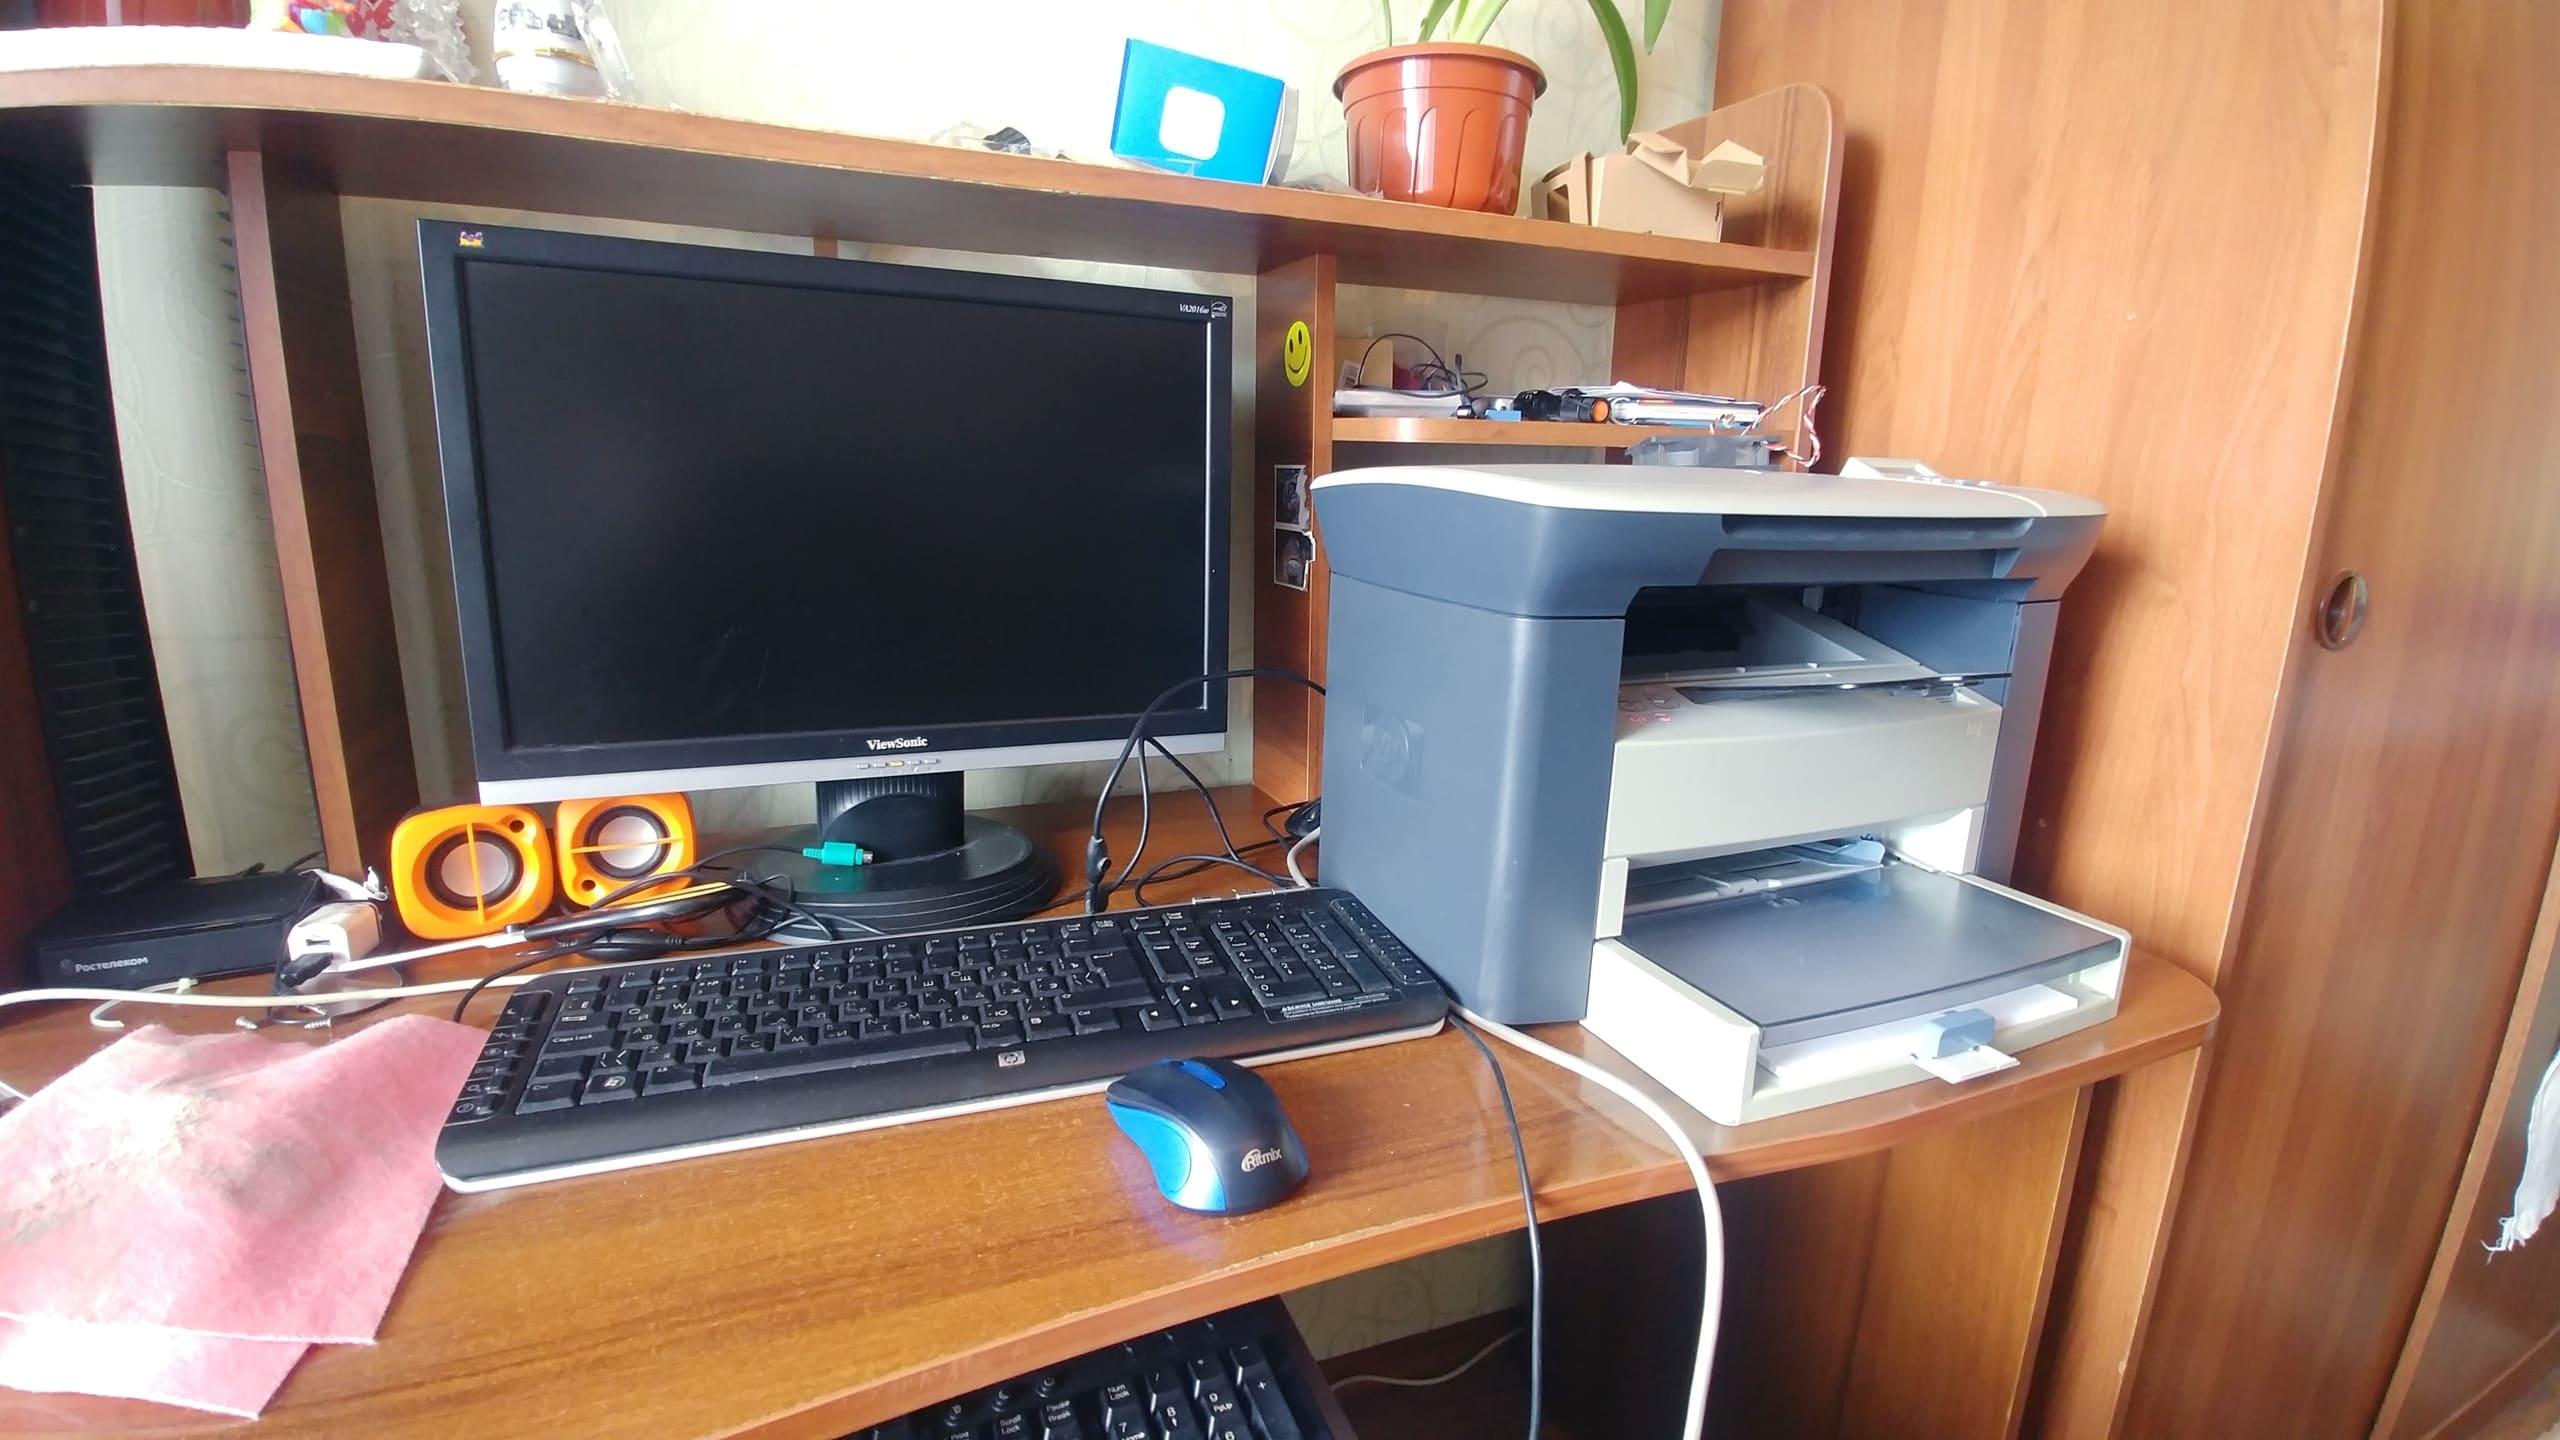 Настройка принтера в Новочебоксарске Строителей 16